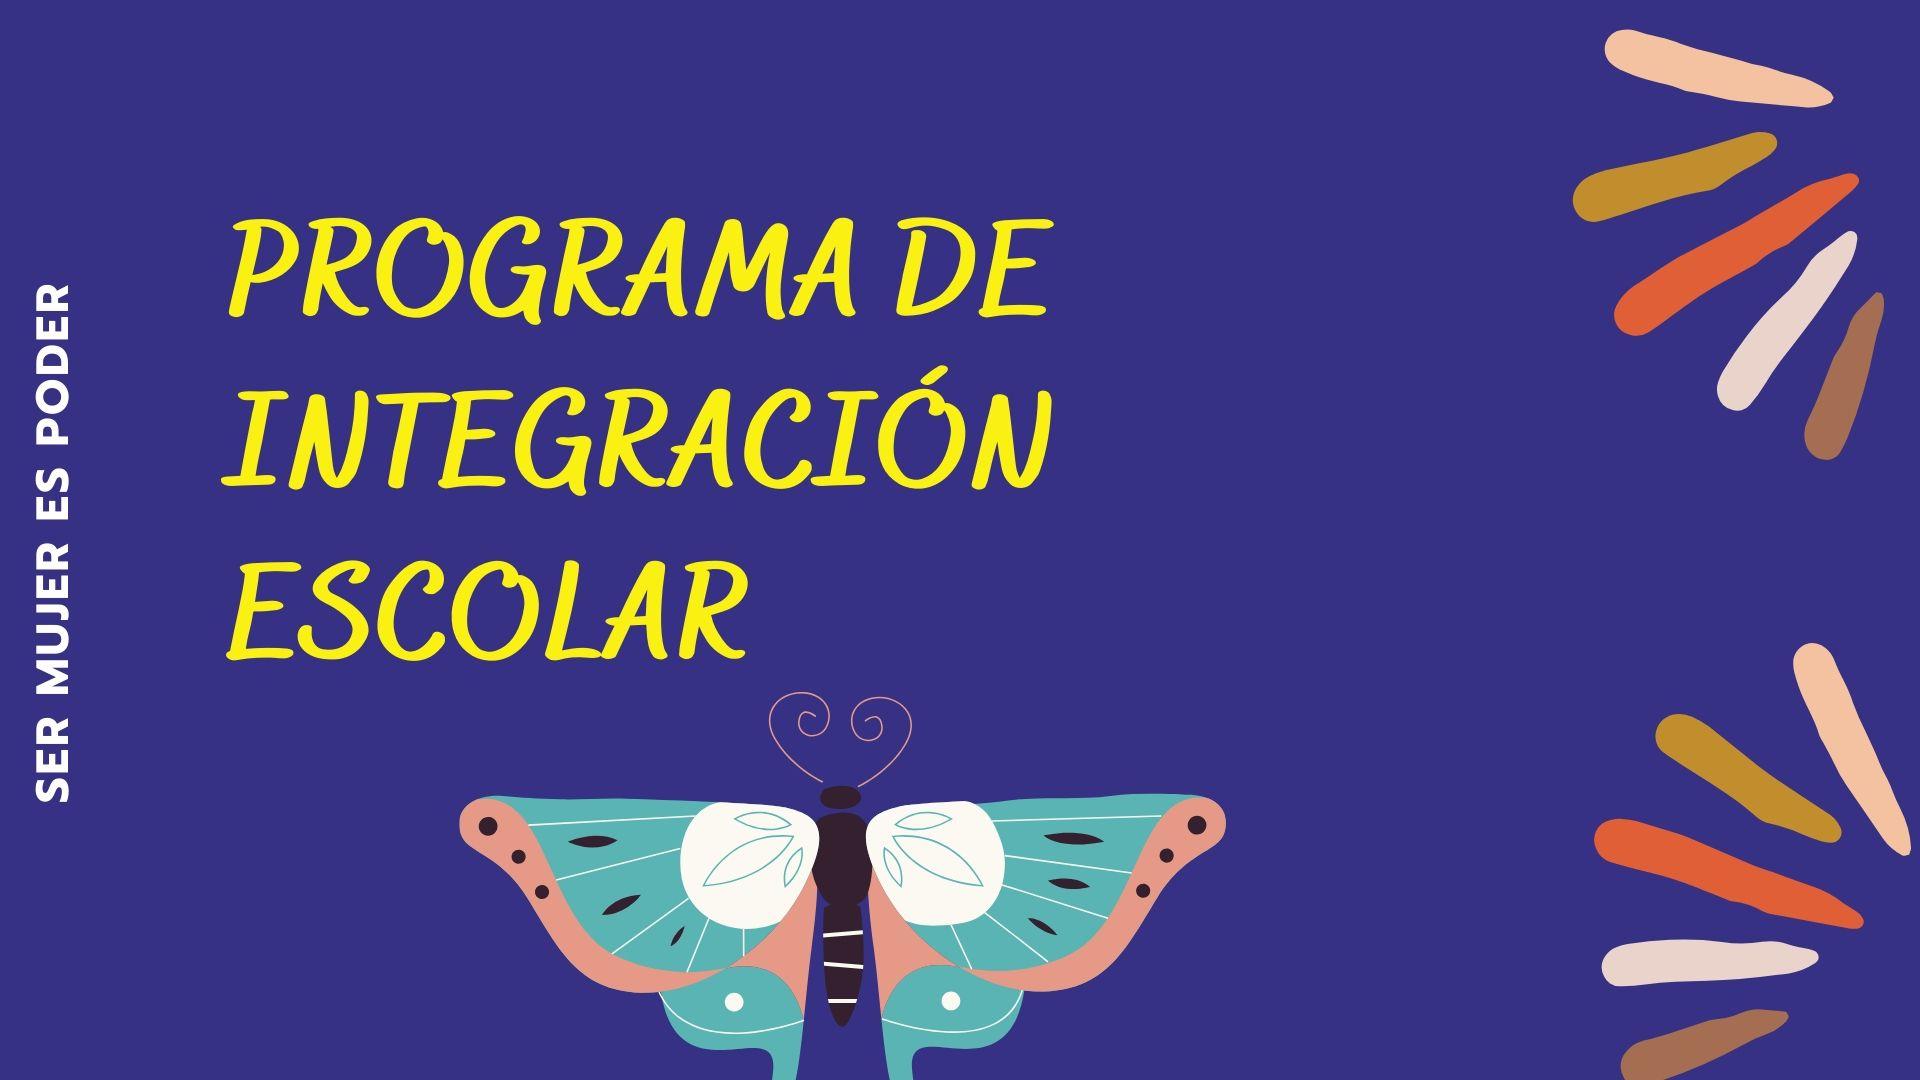 Programa de Integración Escolar